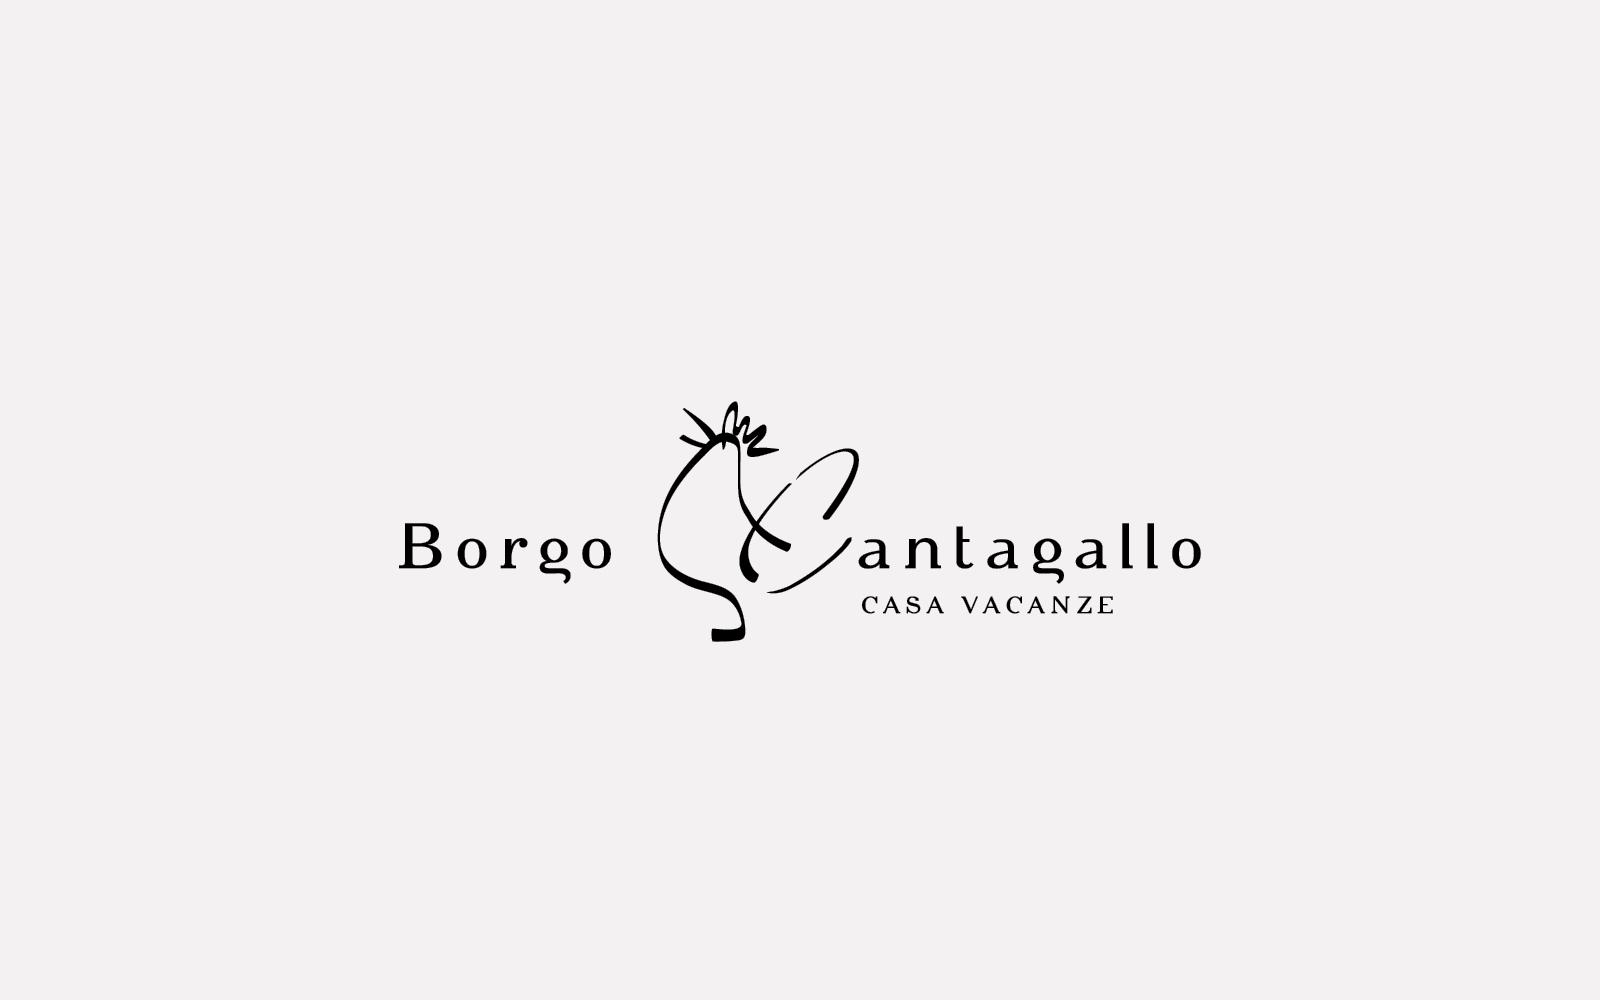 progetto marchio monocolore per azienda settore hotel e ospitalità, creato dallo studio di grafica diade studio arco di trento